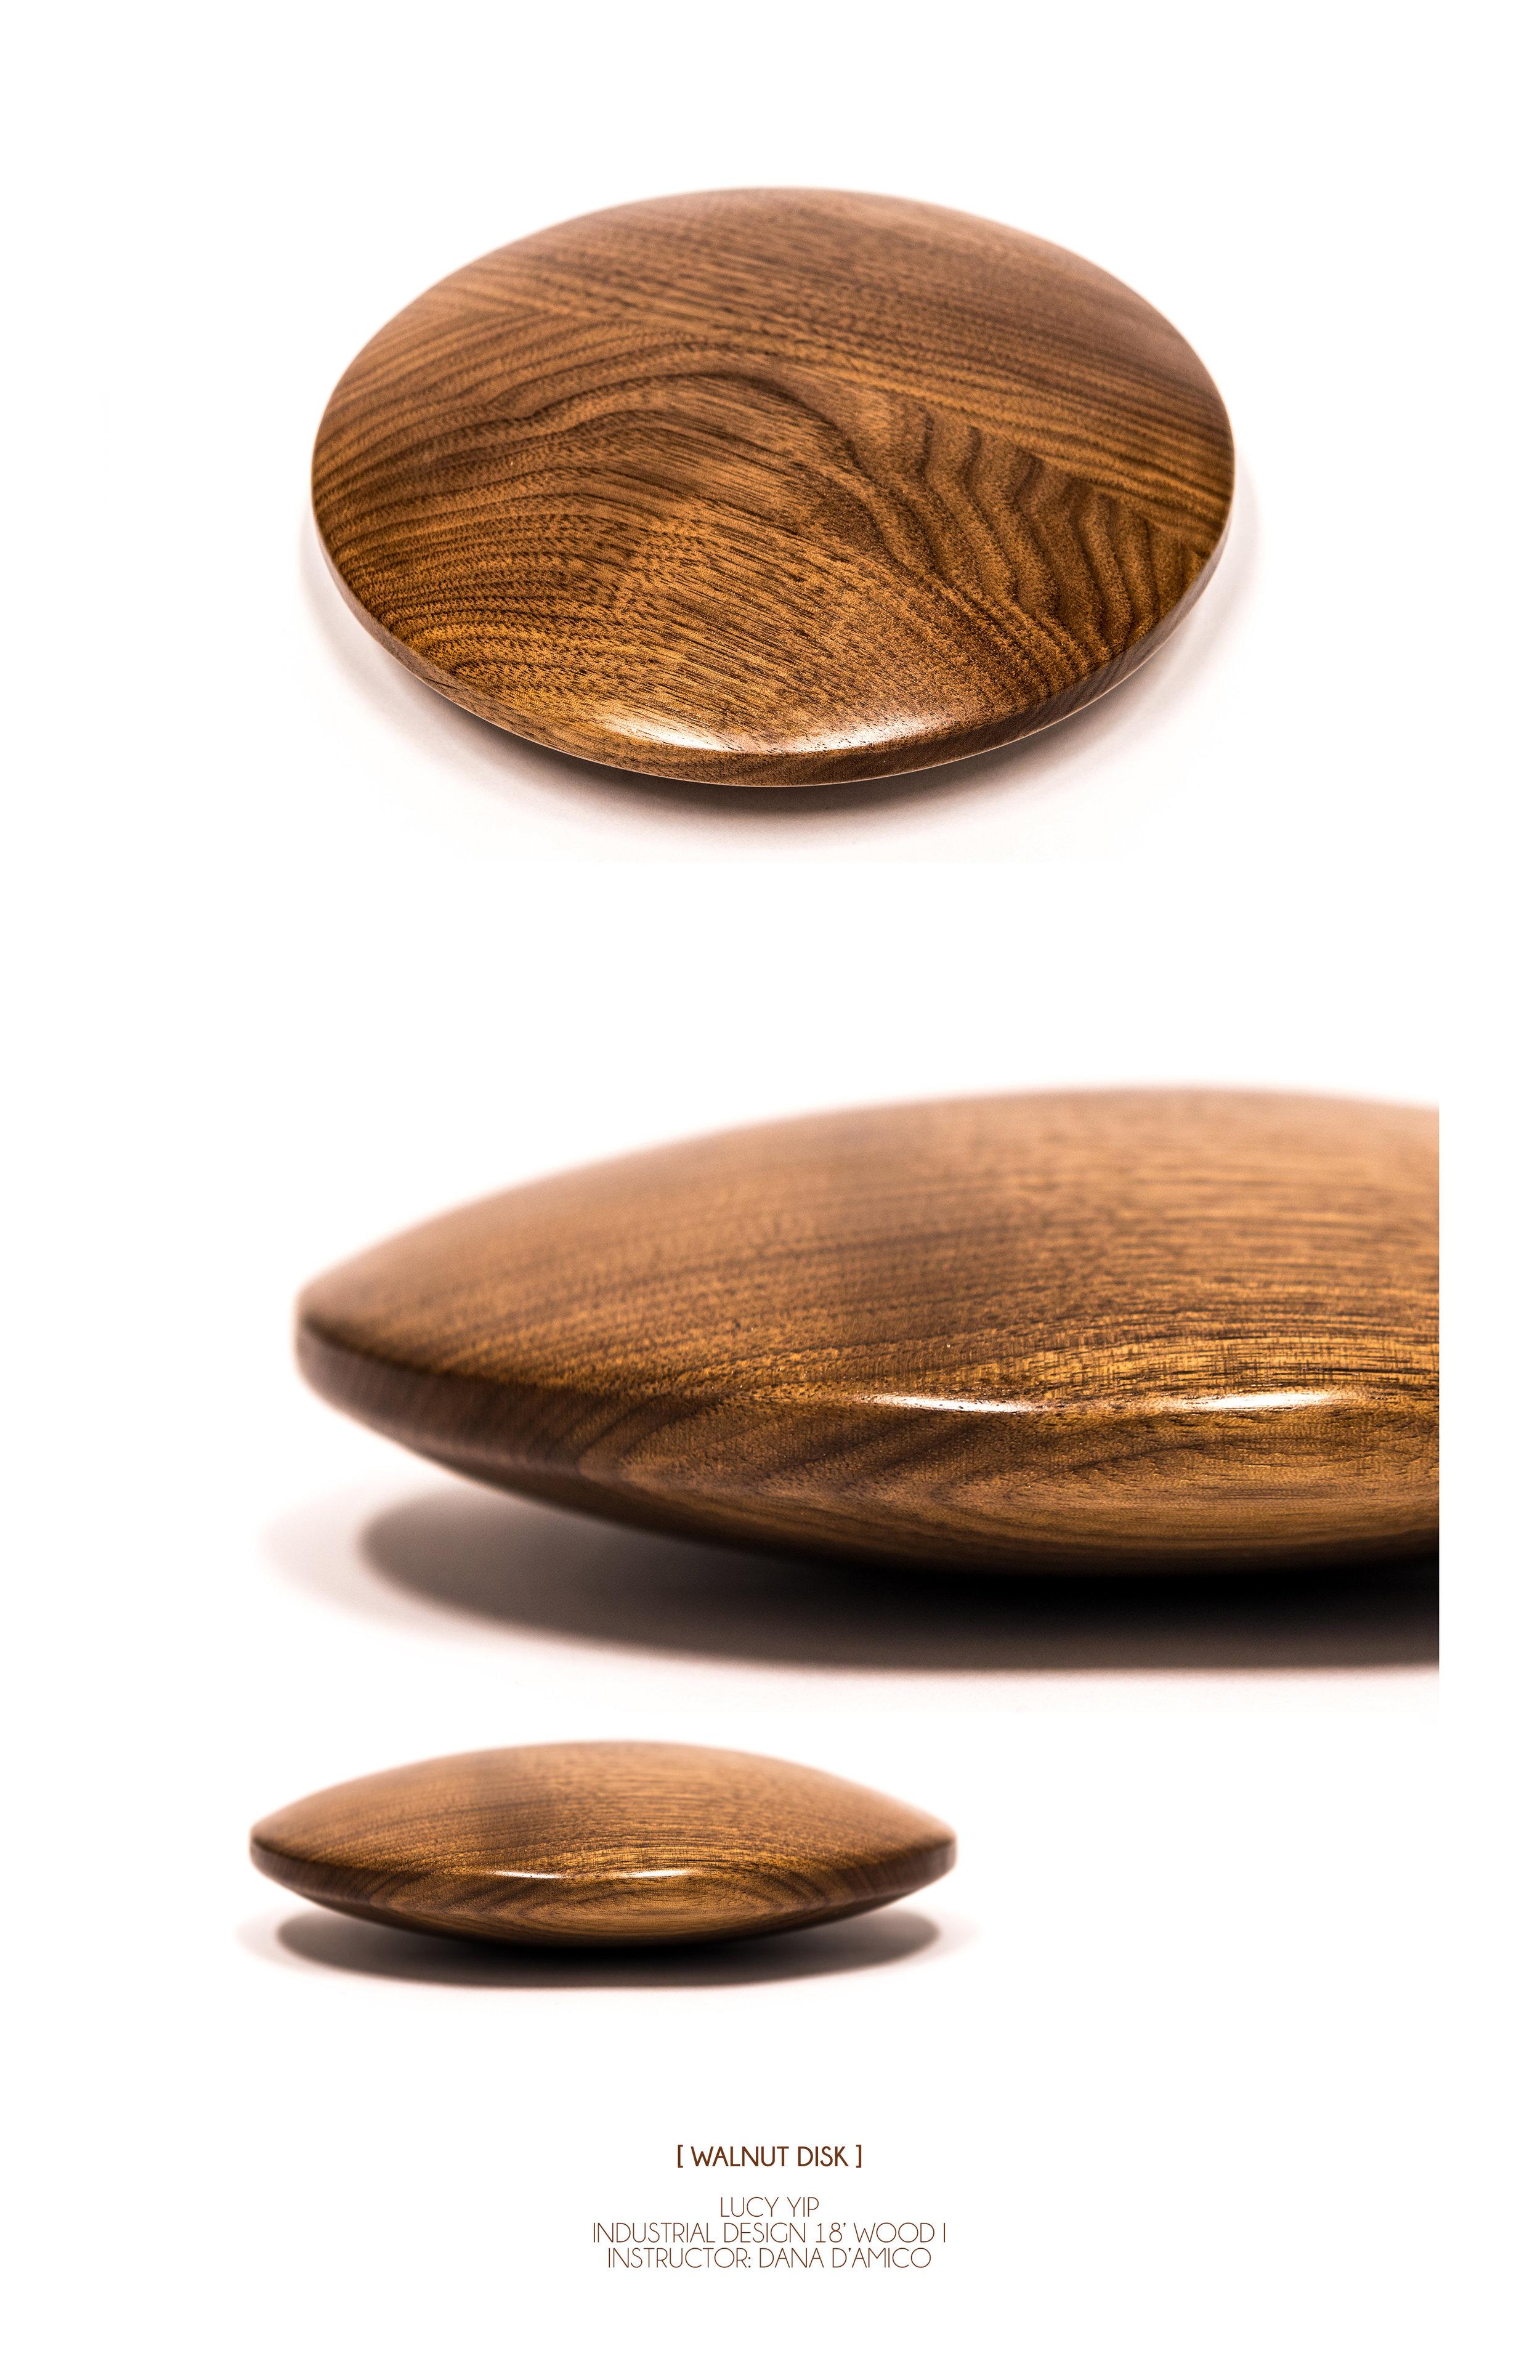 2015FA.Wood I.Walnut Disk.Yip_Lucy.jpg .jpg